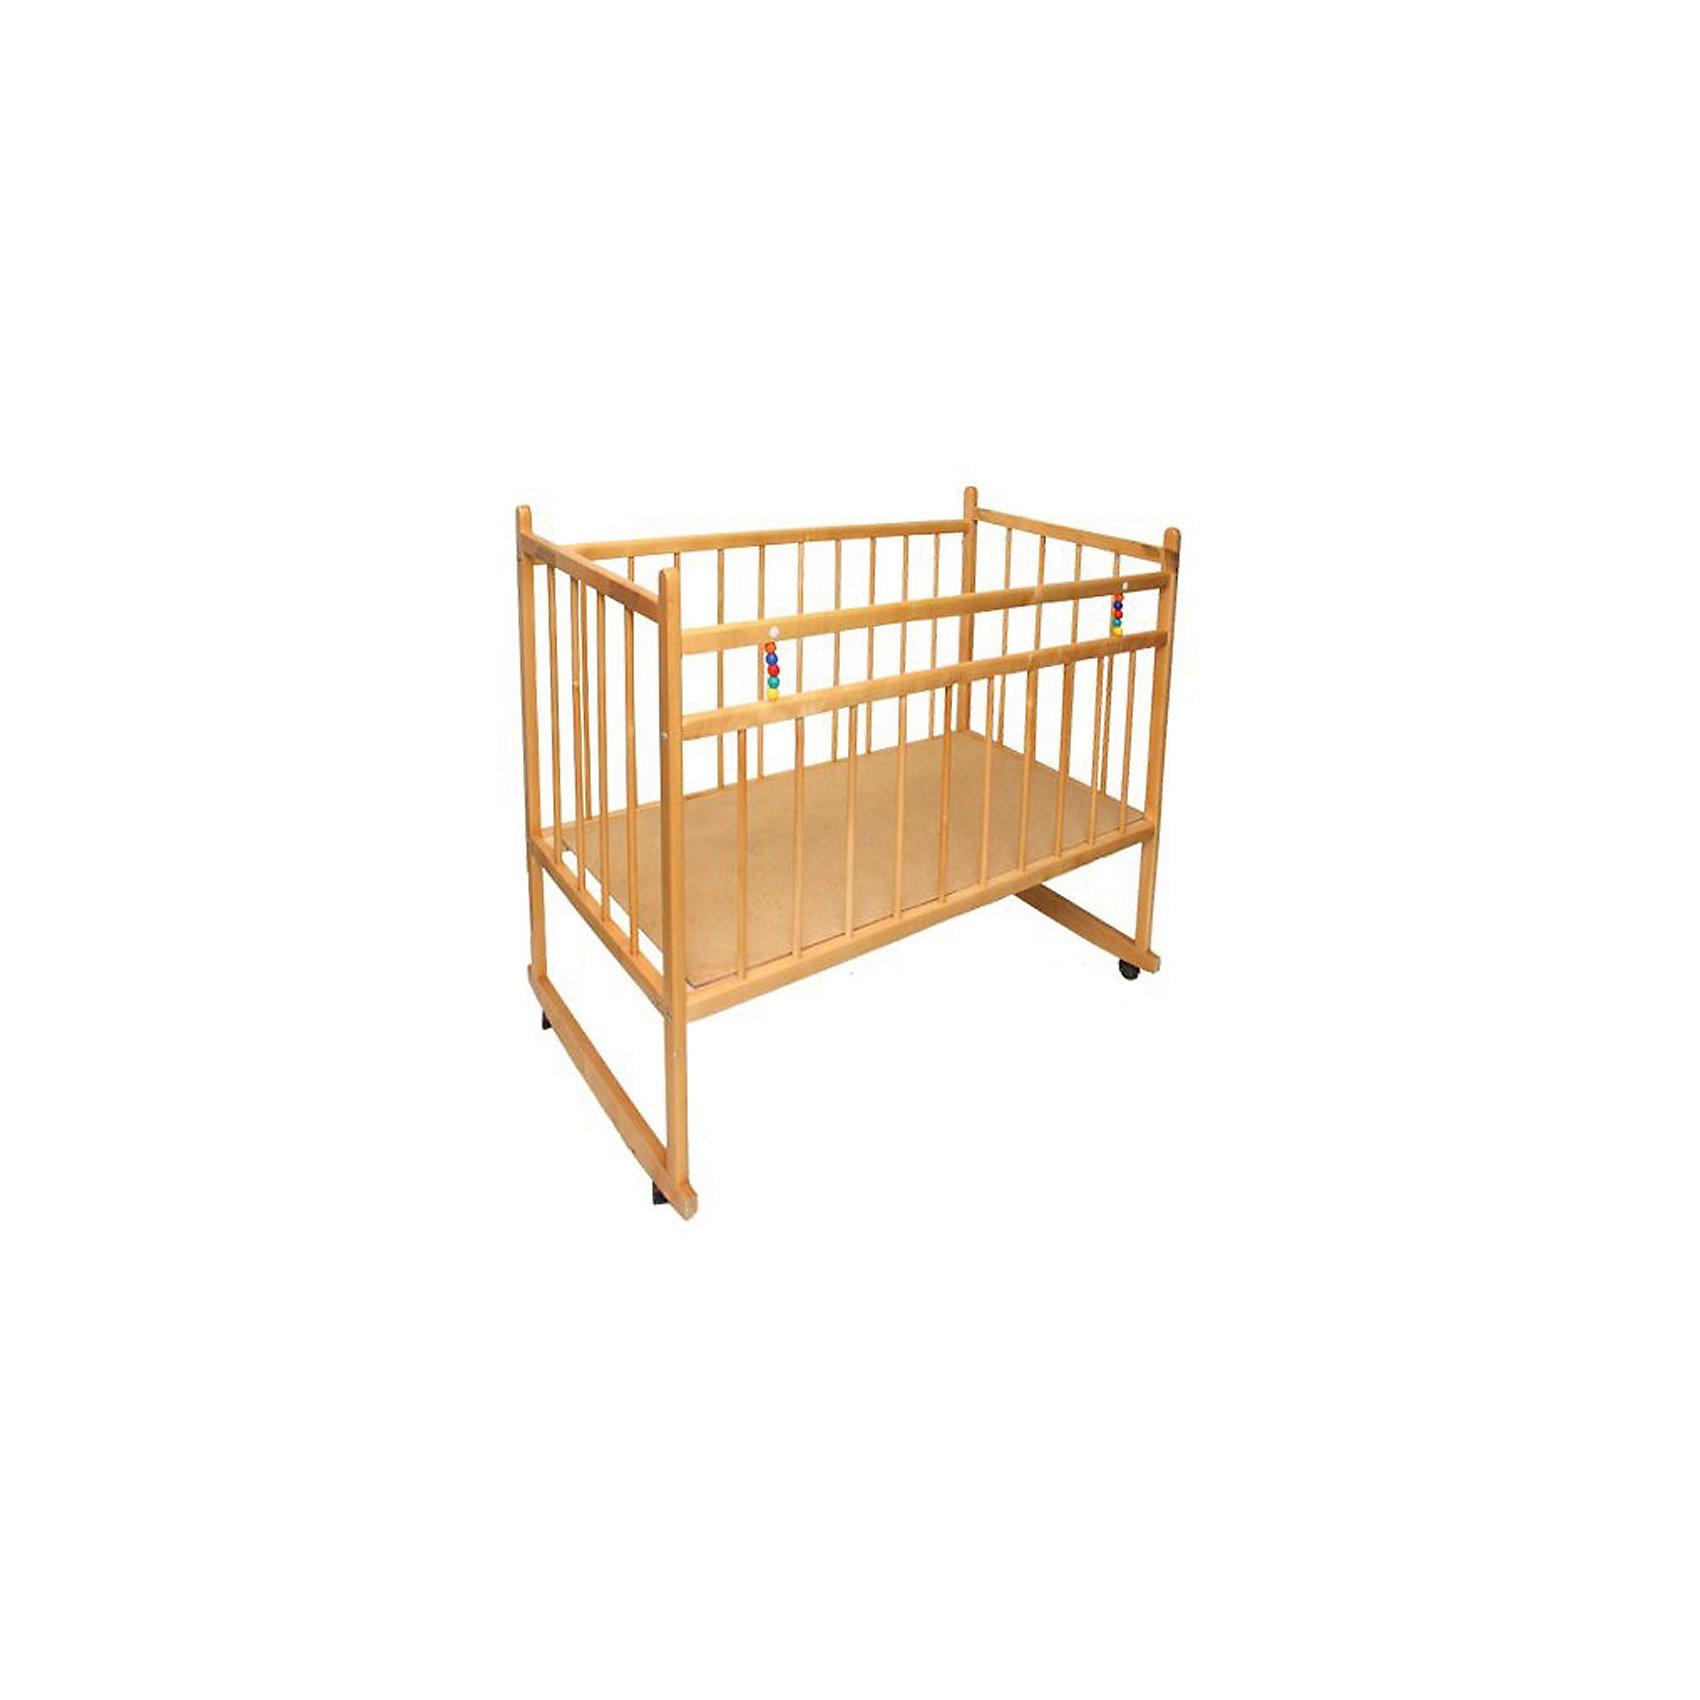 - Кроватка-качалка Мишутка 13, светлая обычная кроватка уренская мебельная фабрика мишутка 14 светлая ящик